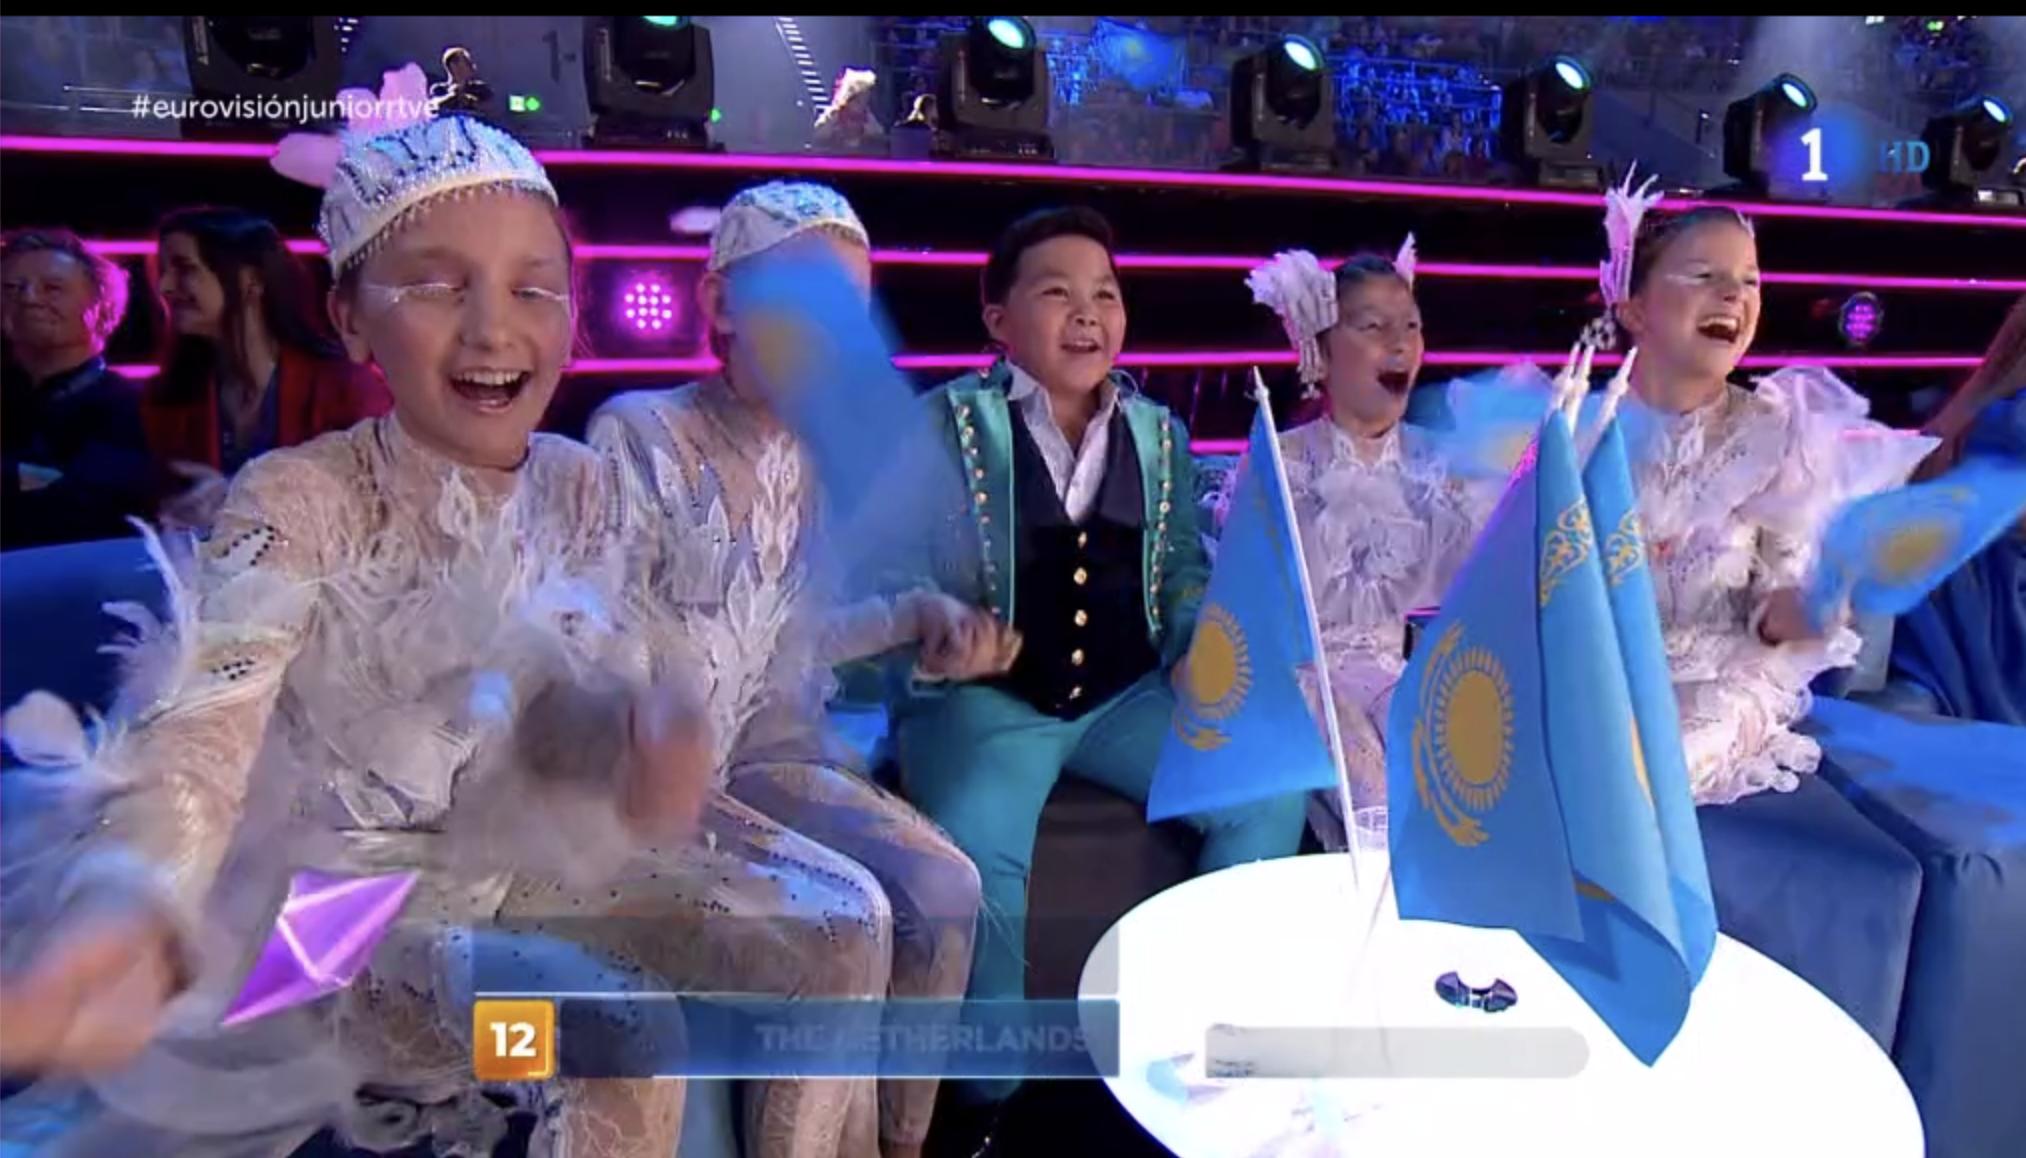 Kazajistán, en la cabeza de las votaciones y alejándose del resto de competidores